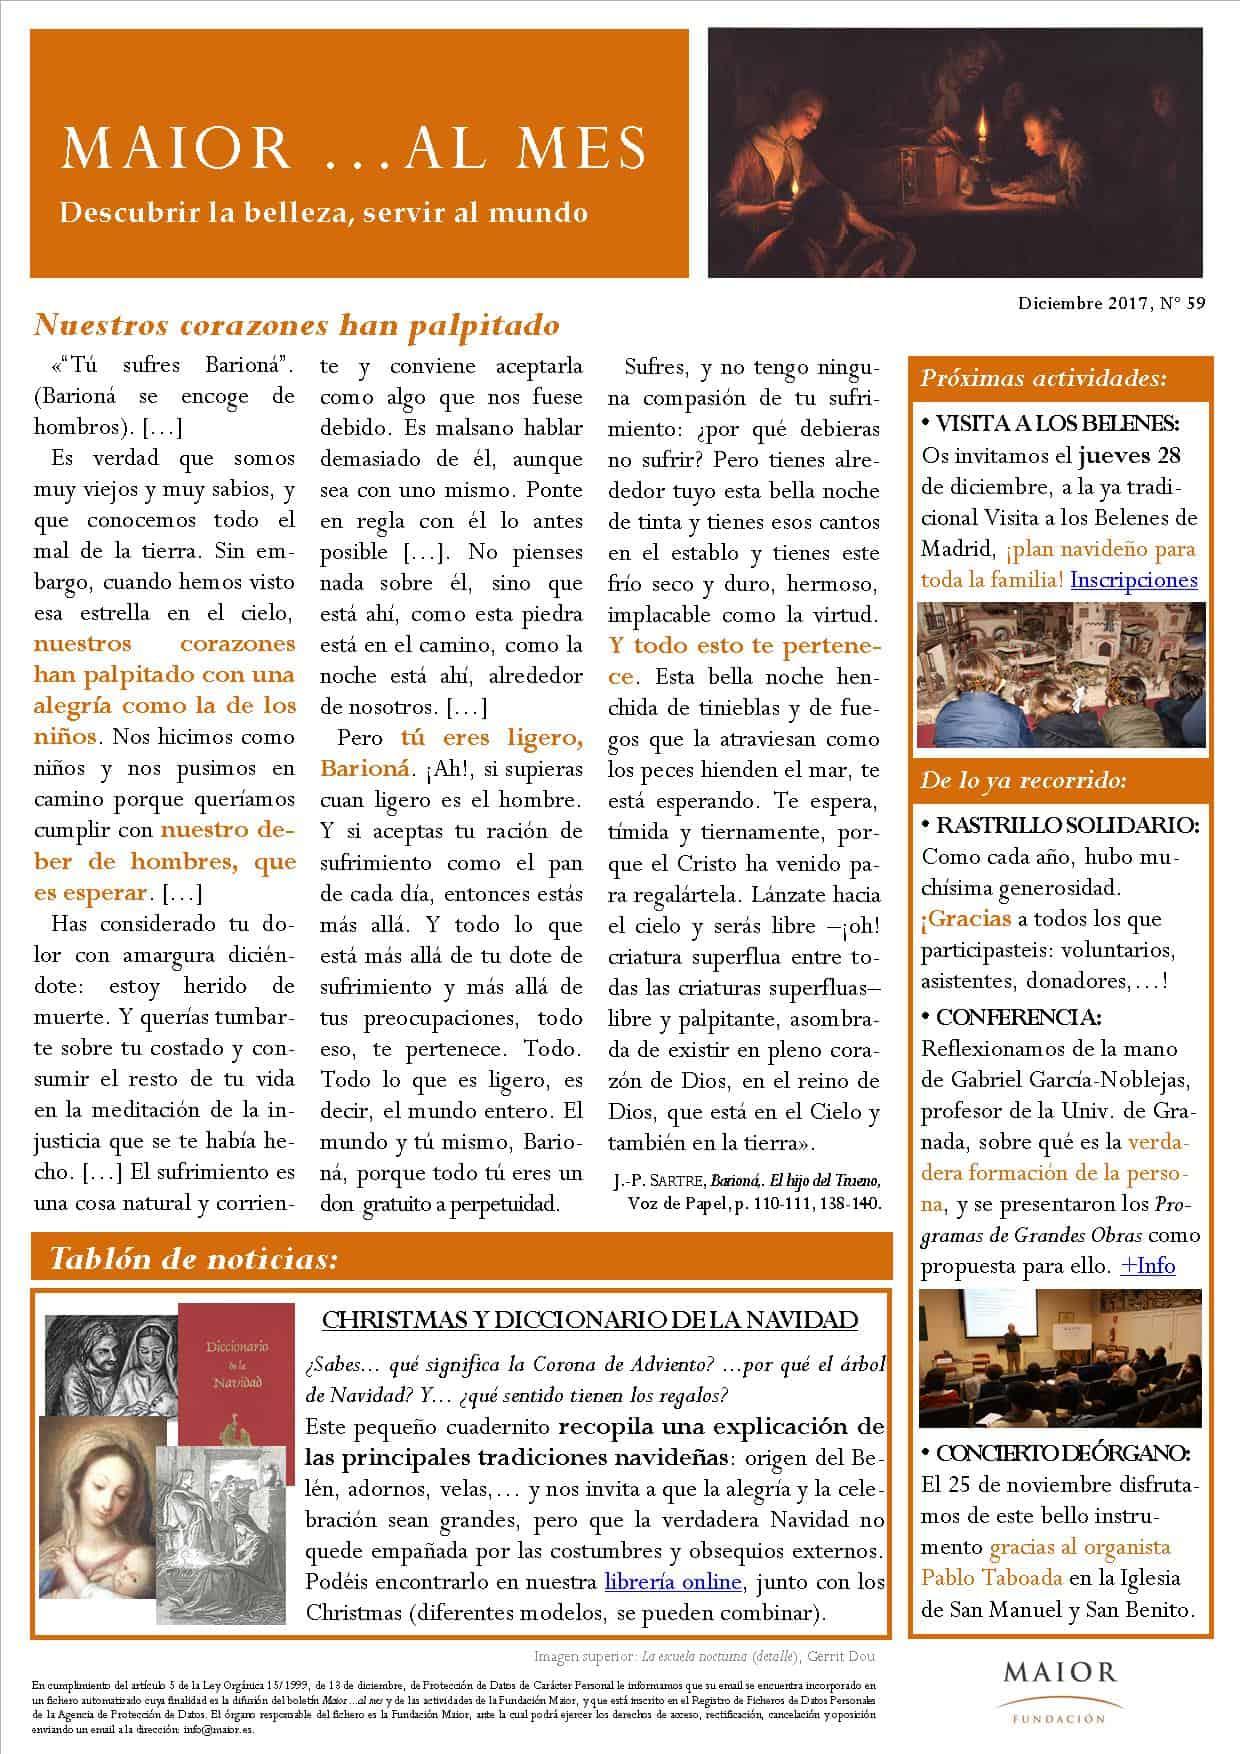 Boletín mensual de noticias y actividades de la Fundación Maior. Edición de diciembre 2017